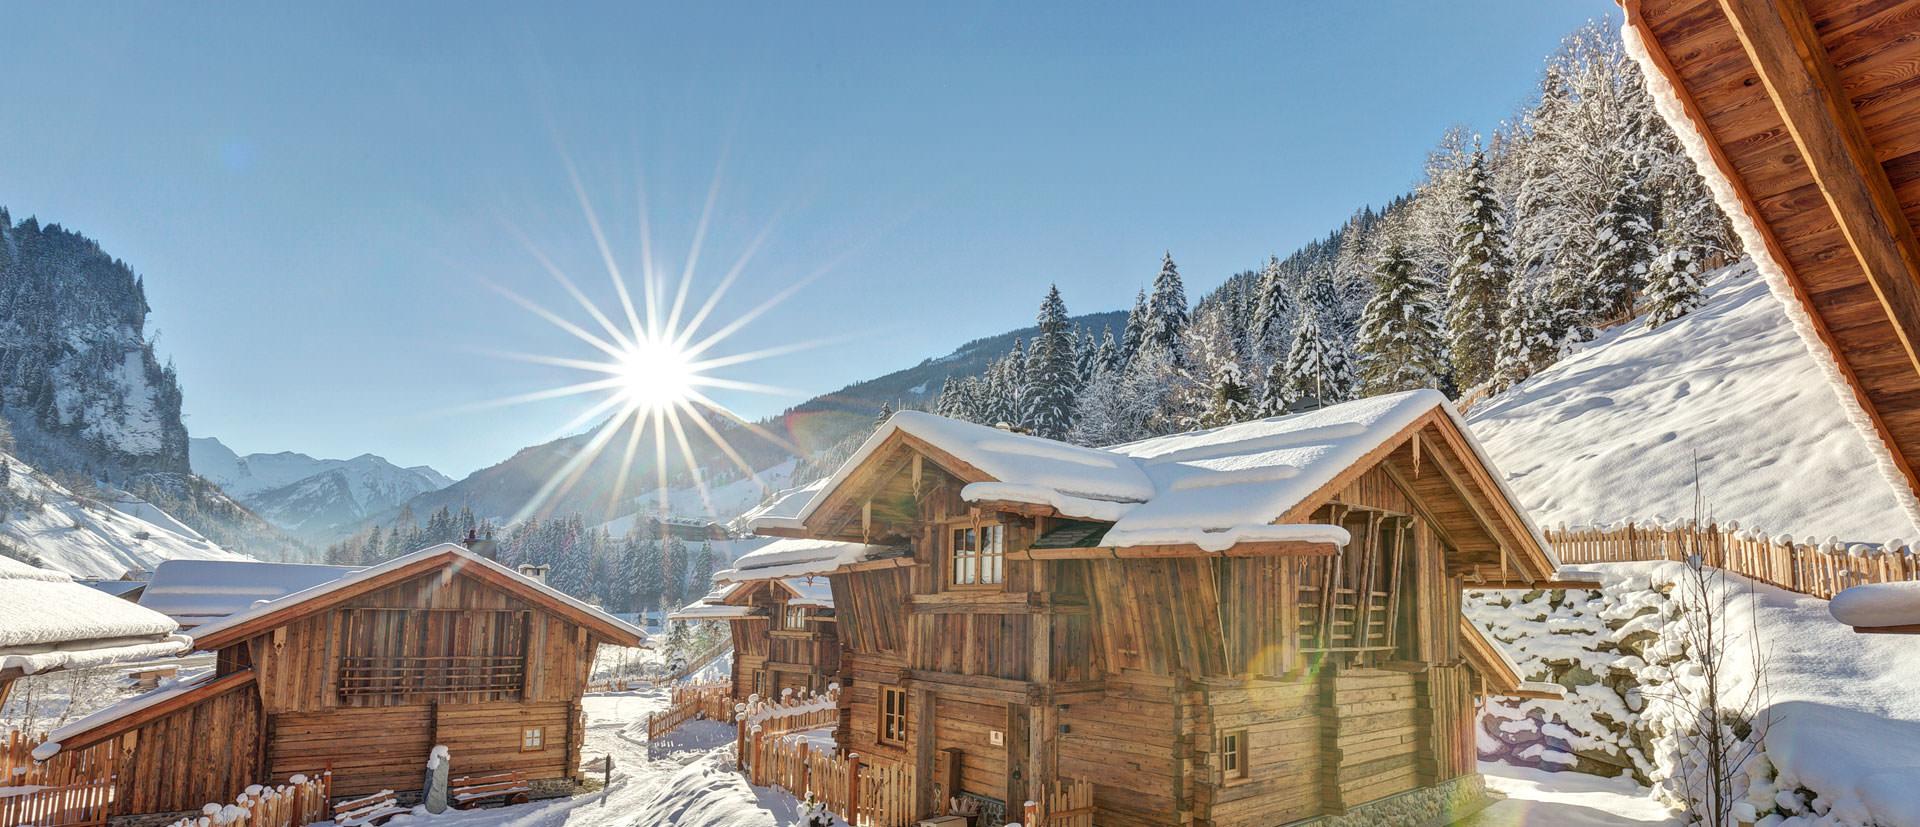 Erleben Sie einen perfekten Hüttenurlaub in den Bergen in Österreich